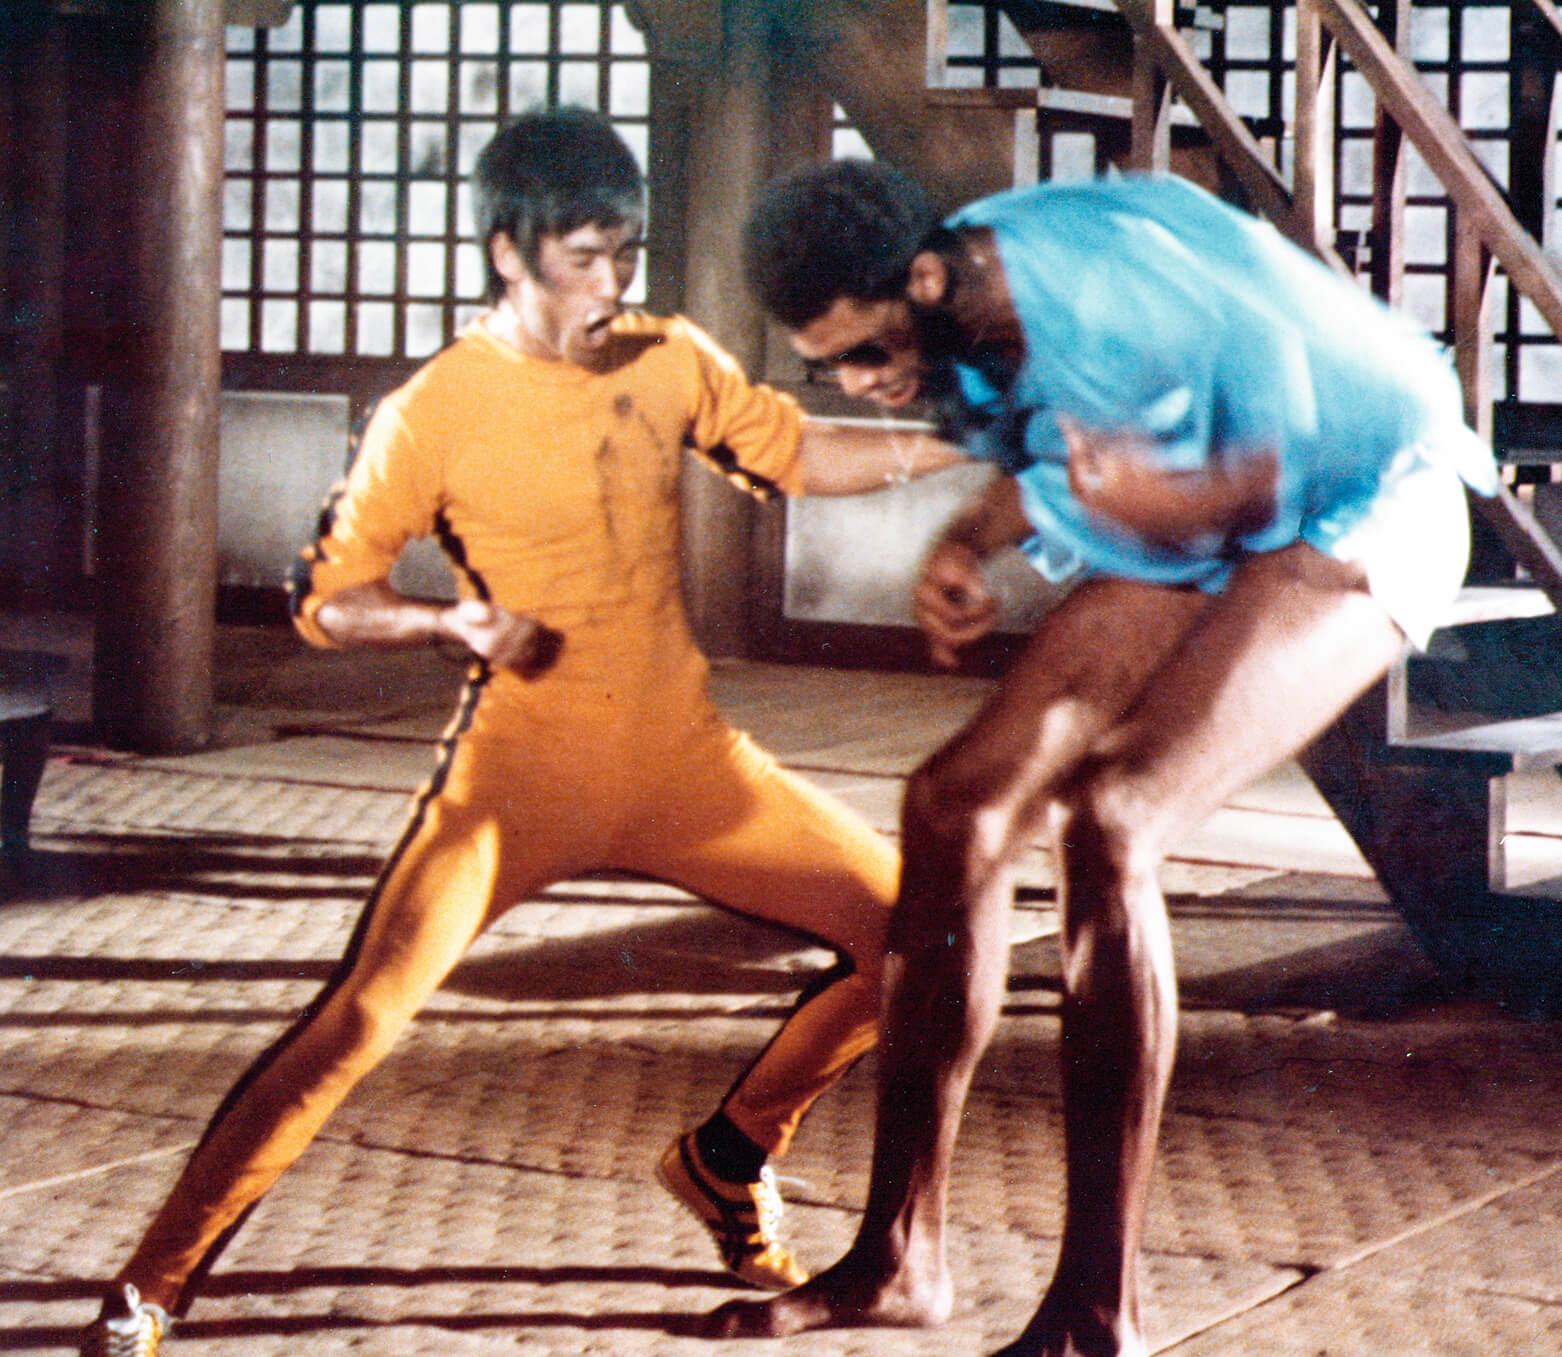 """《死亡的遊戲》裏李小龍穿的是黃色的疑似""""MoonStar"""" 波鞋。"""